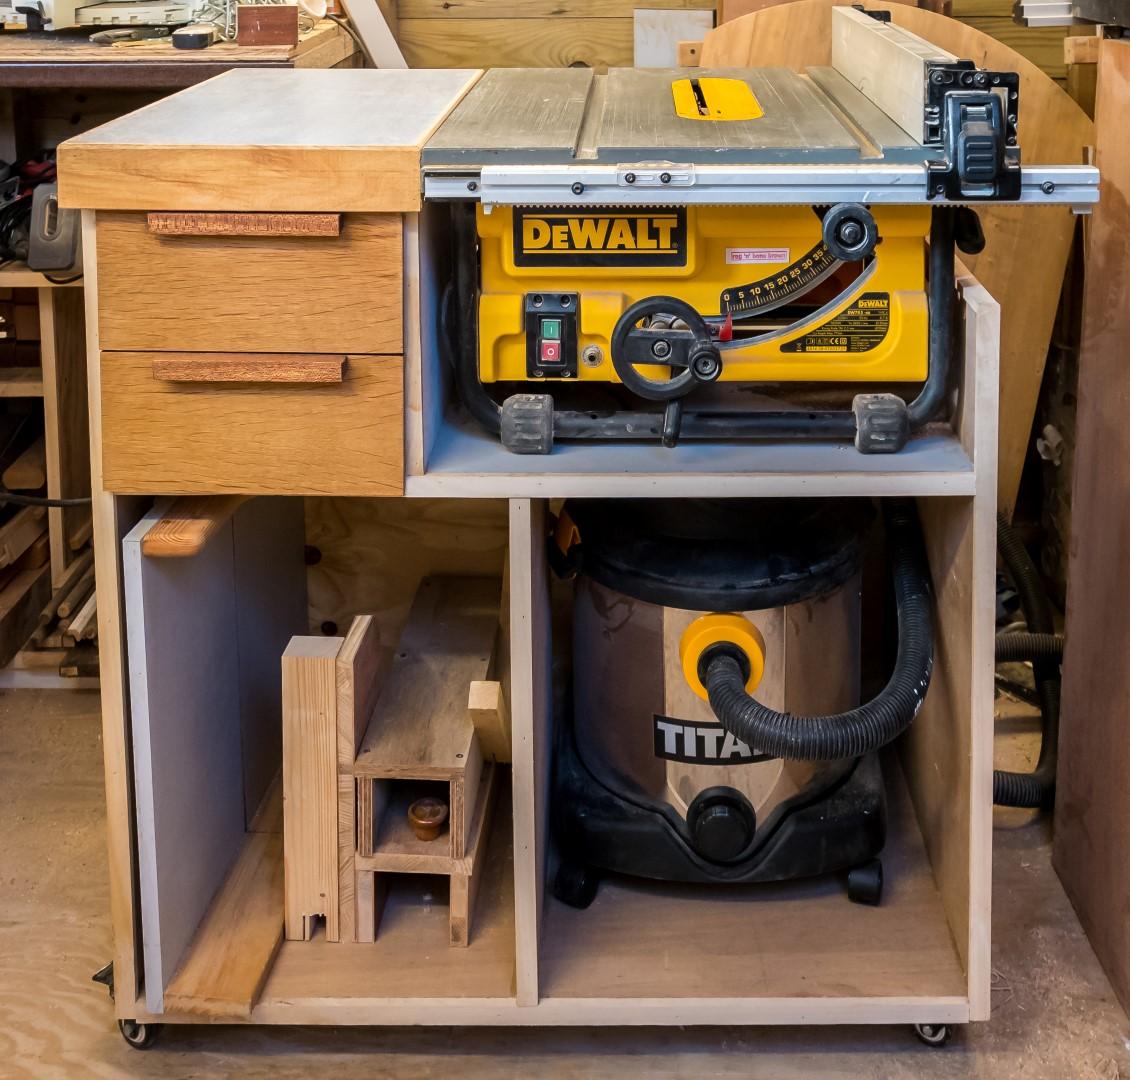 Mobile Tablesaw Stand For Dewalt Dw745 Part 2 Of 2 Workshop Re Model Episode 3 Rag 39 N